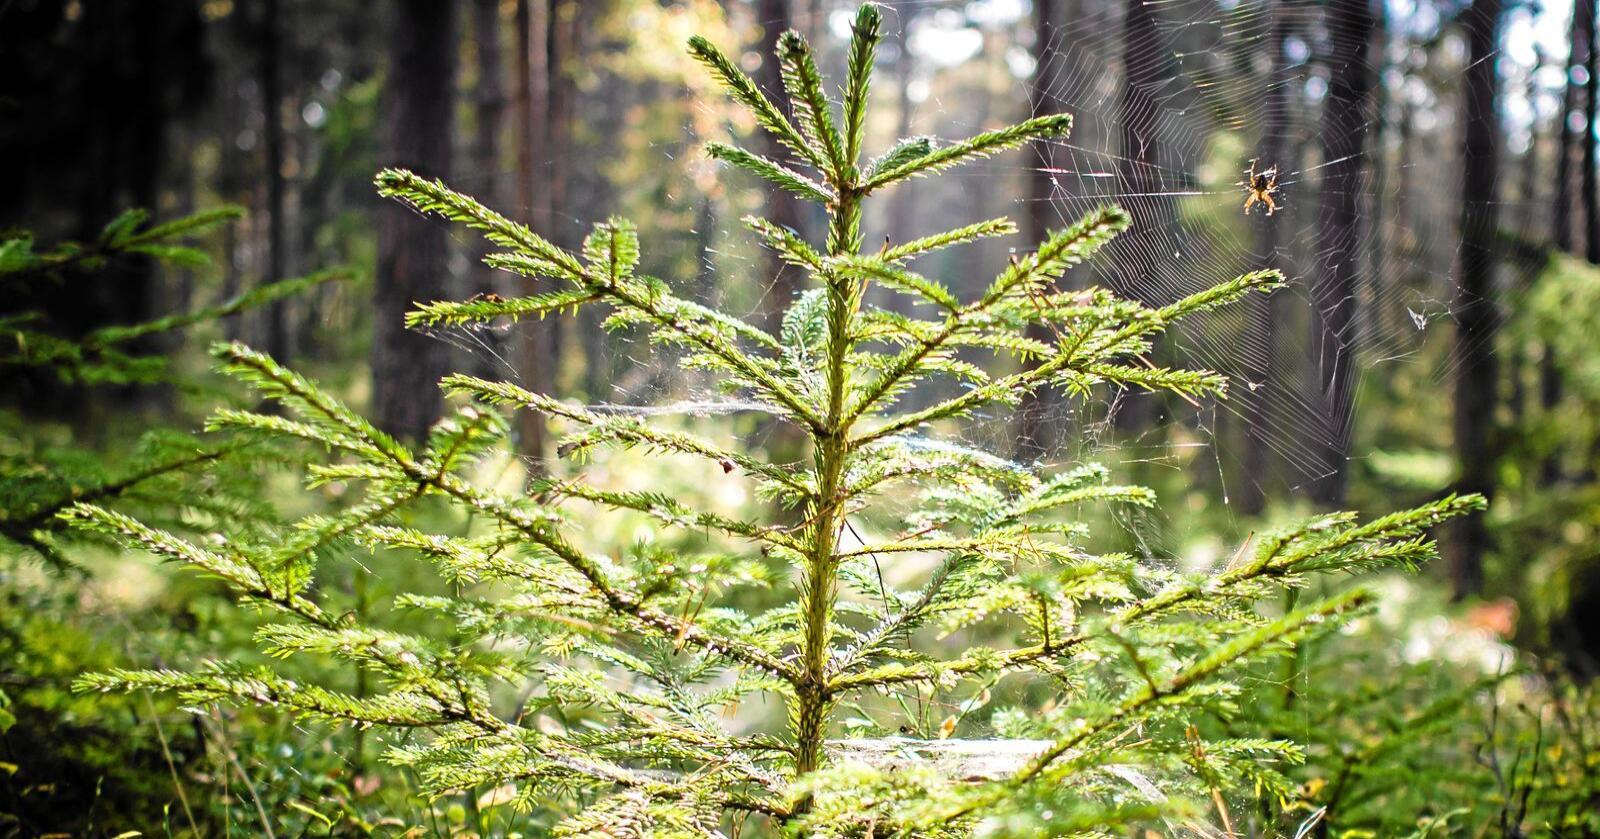 Norske skoger, fjorder og hav har potensial til å levere store mengder bærekraftig produsert og avansert biodrivstoff, skriver Joakim Huage i Bellona. Foto: Mostphotos